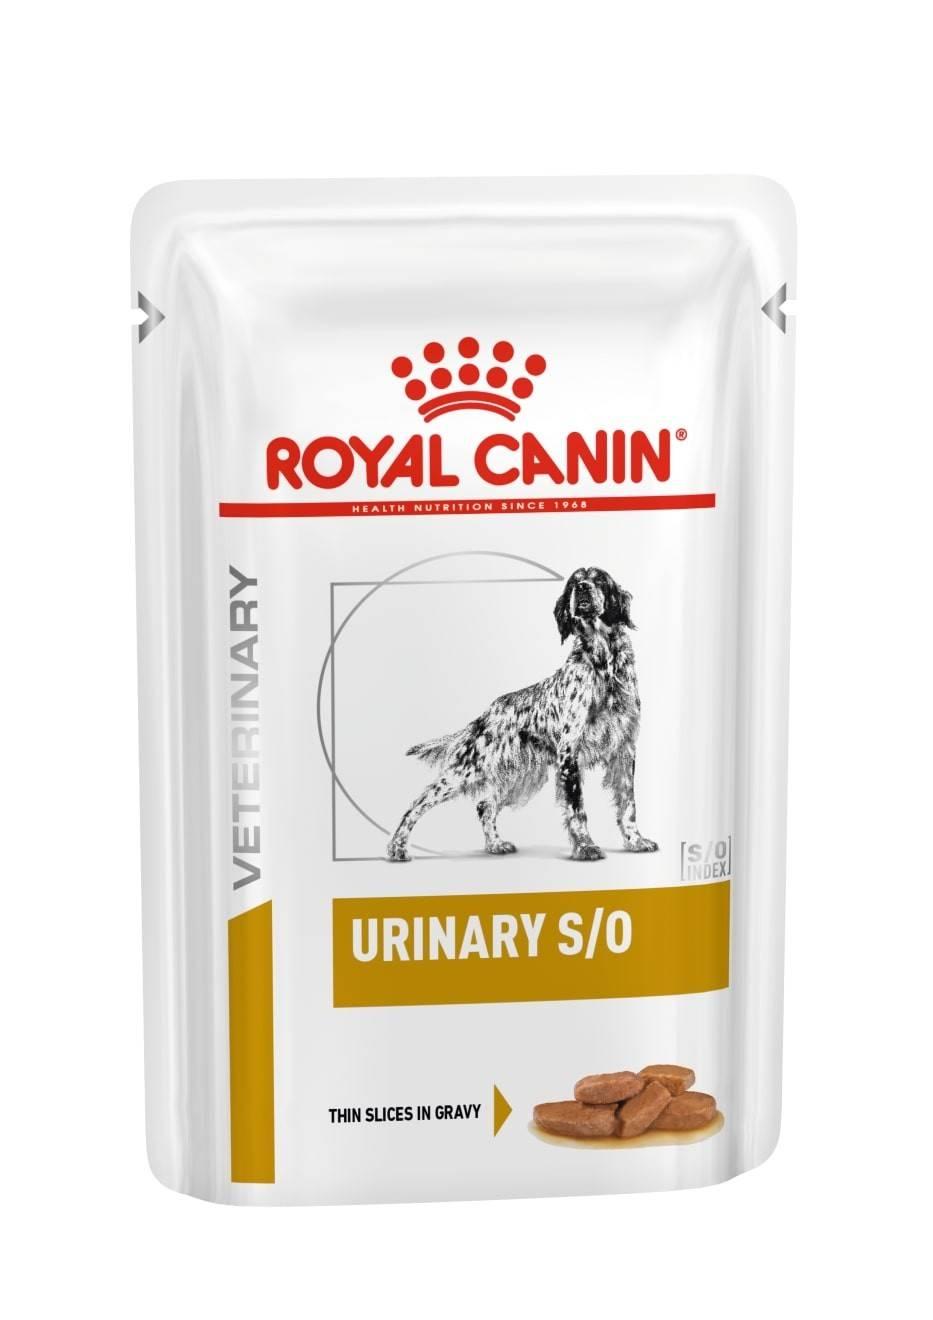 ROYAL CANIN URINARY S/О лечебный влажный корм, кусочки в соусе, для собак при заболеваниях нижних мочевыводящих путей